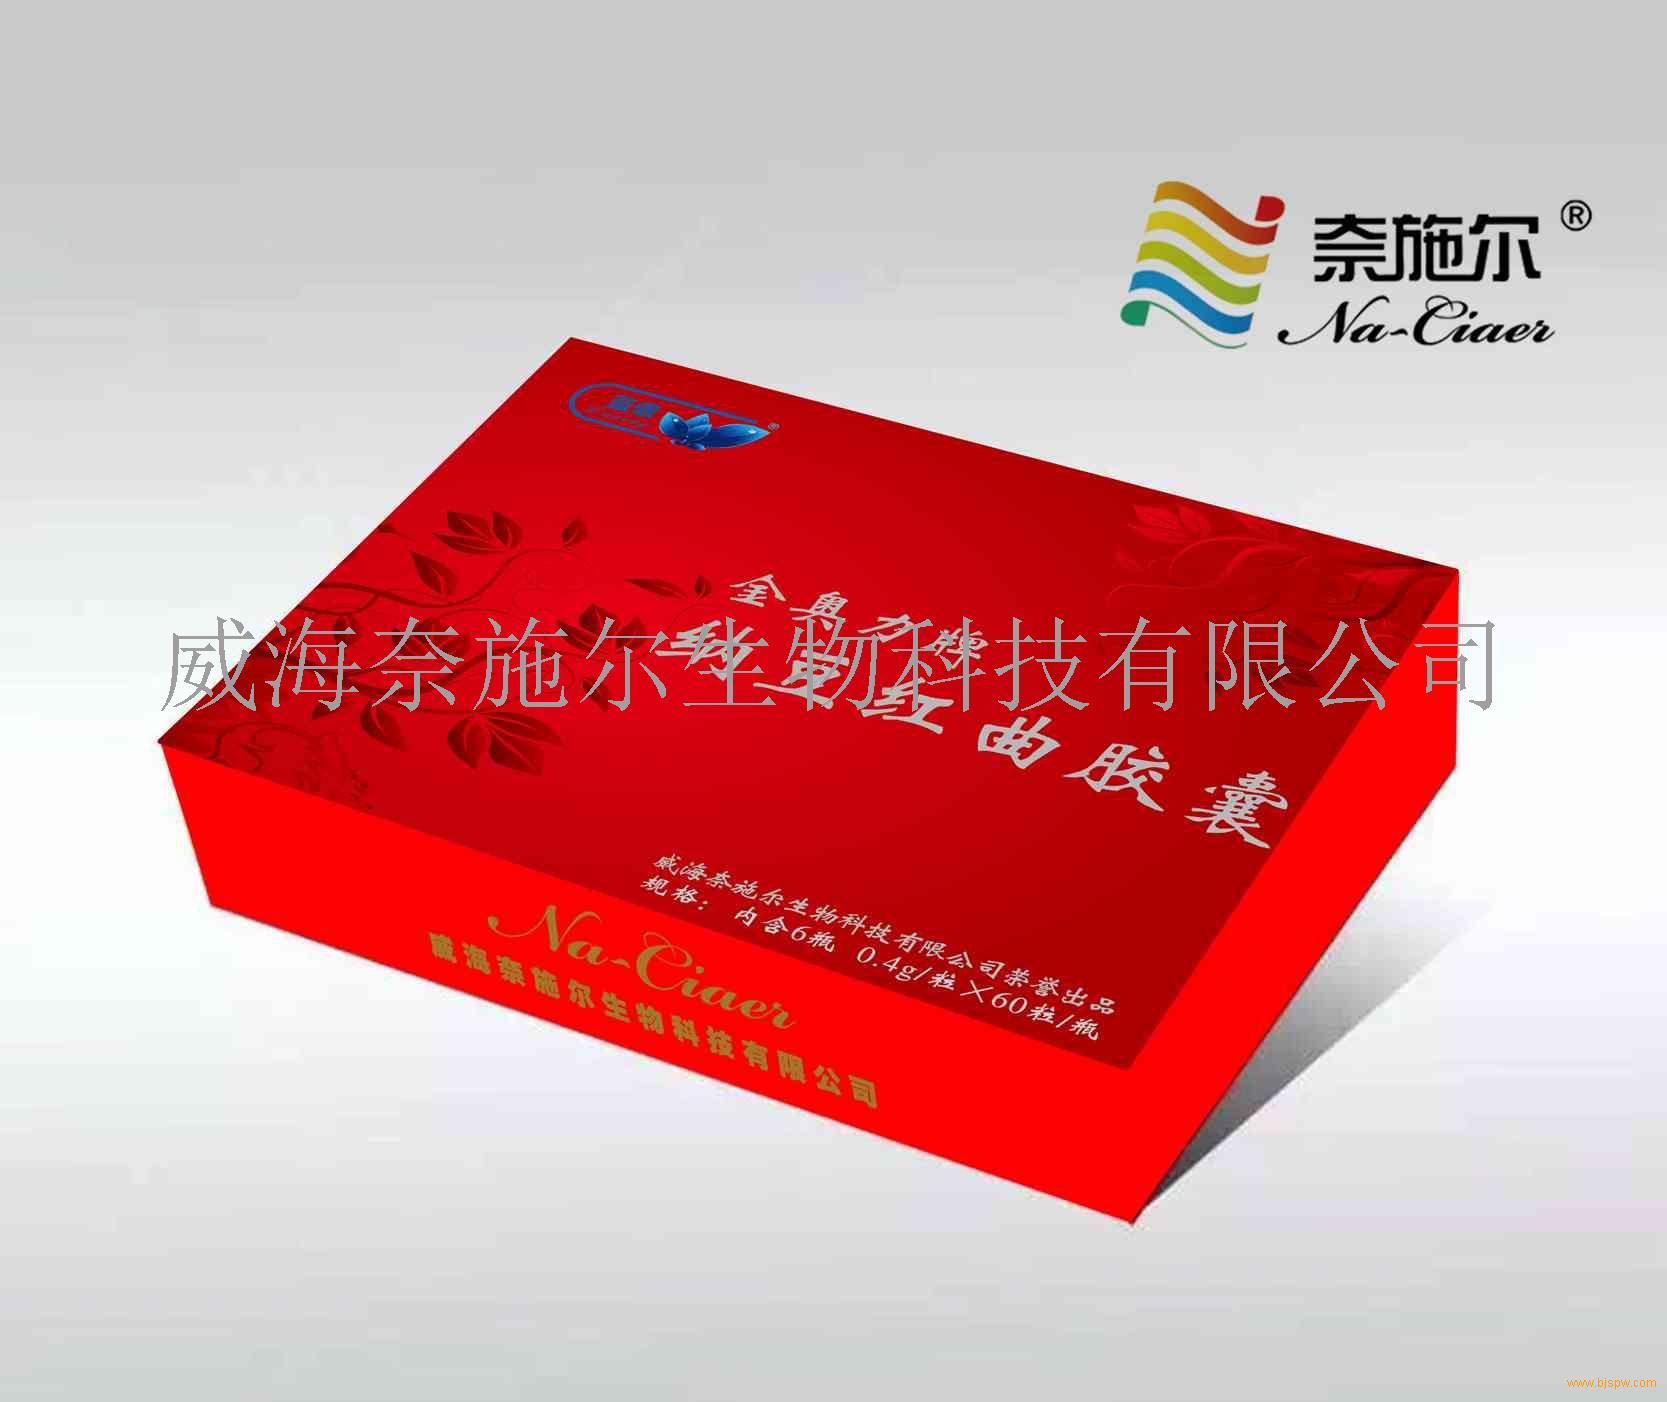 蓝侬纳豆红曲产品礼盒